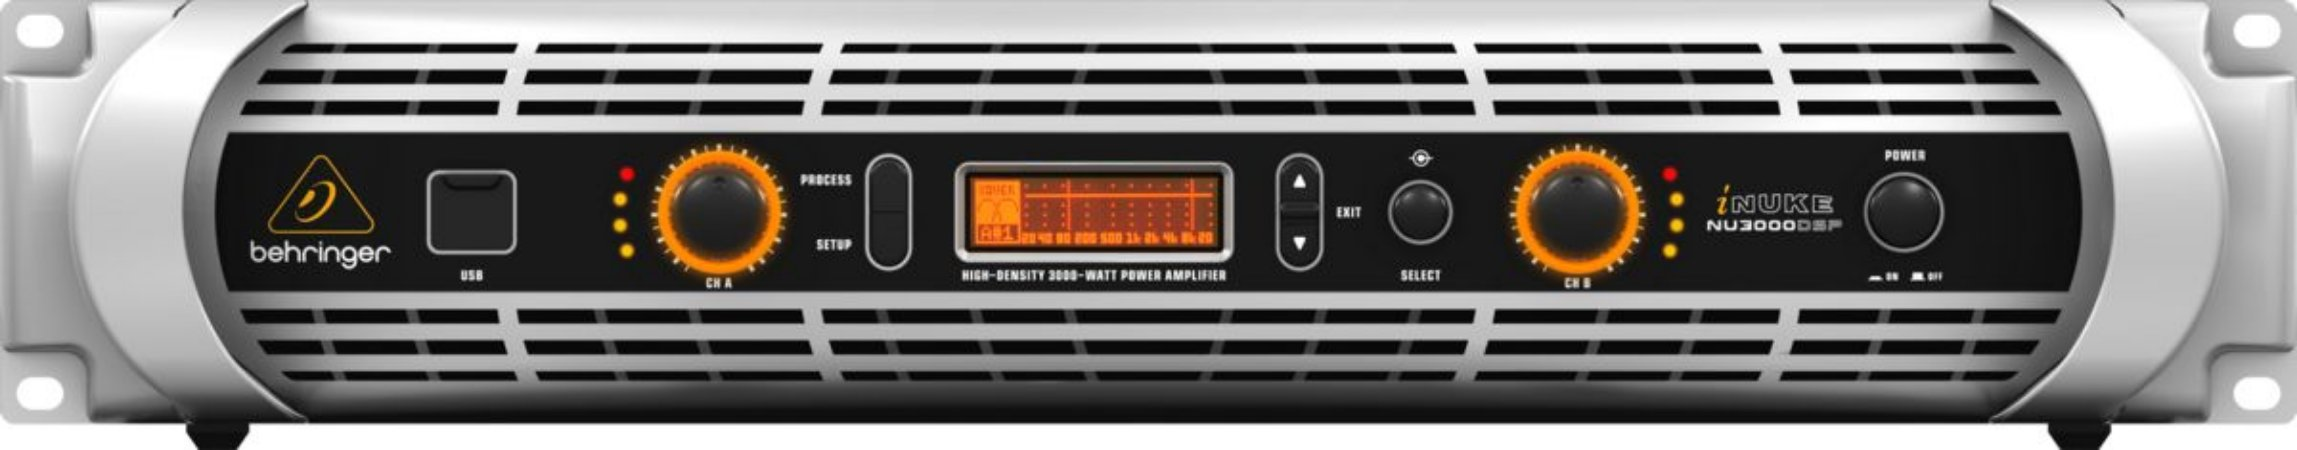 Amplificador Behringer Inuke DSP NU3000 DSP 220V